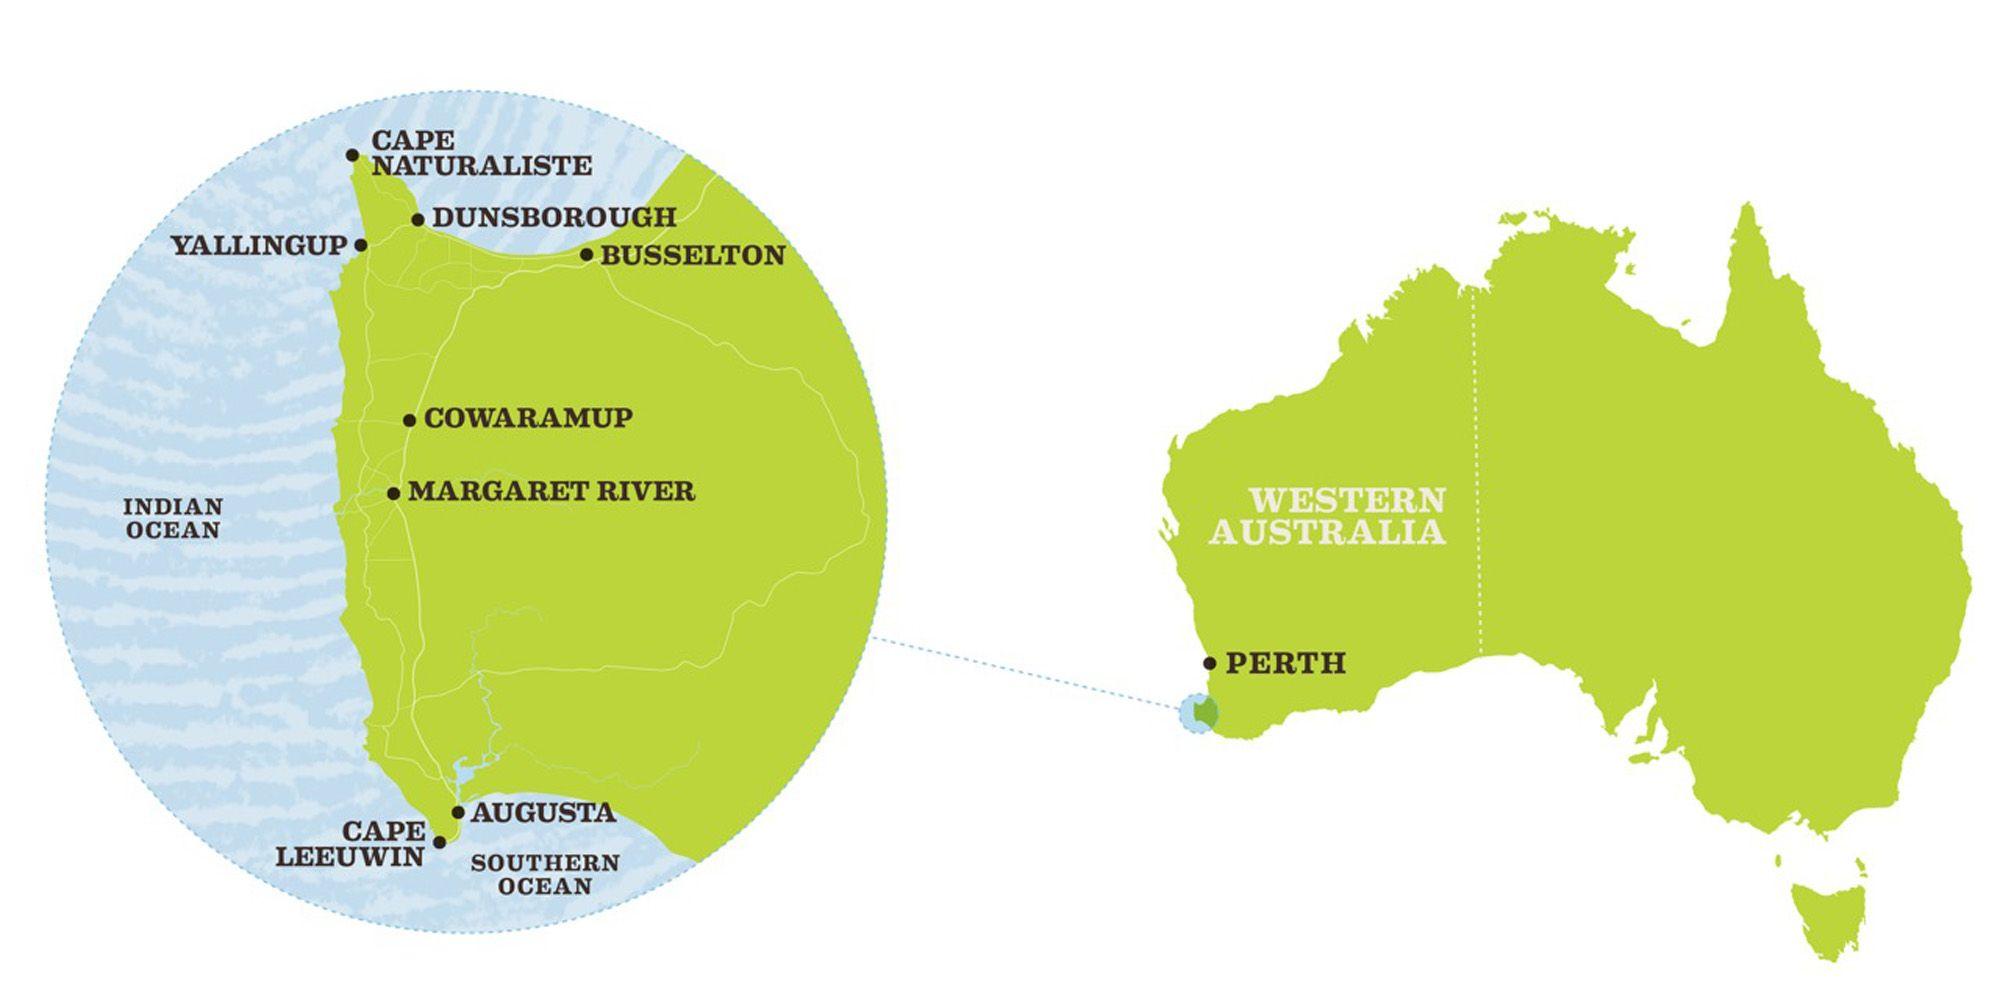 New land use for media margaret river australia map statements new land use for media margaret river australia map statements minister launches new land use for western n abattoirs western margaret river pinterest gumiabroncs Images